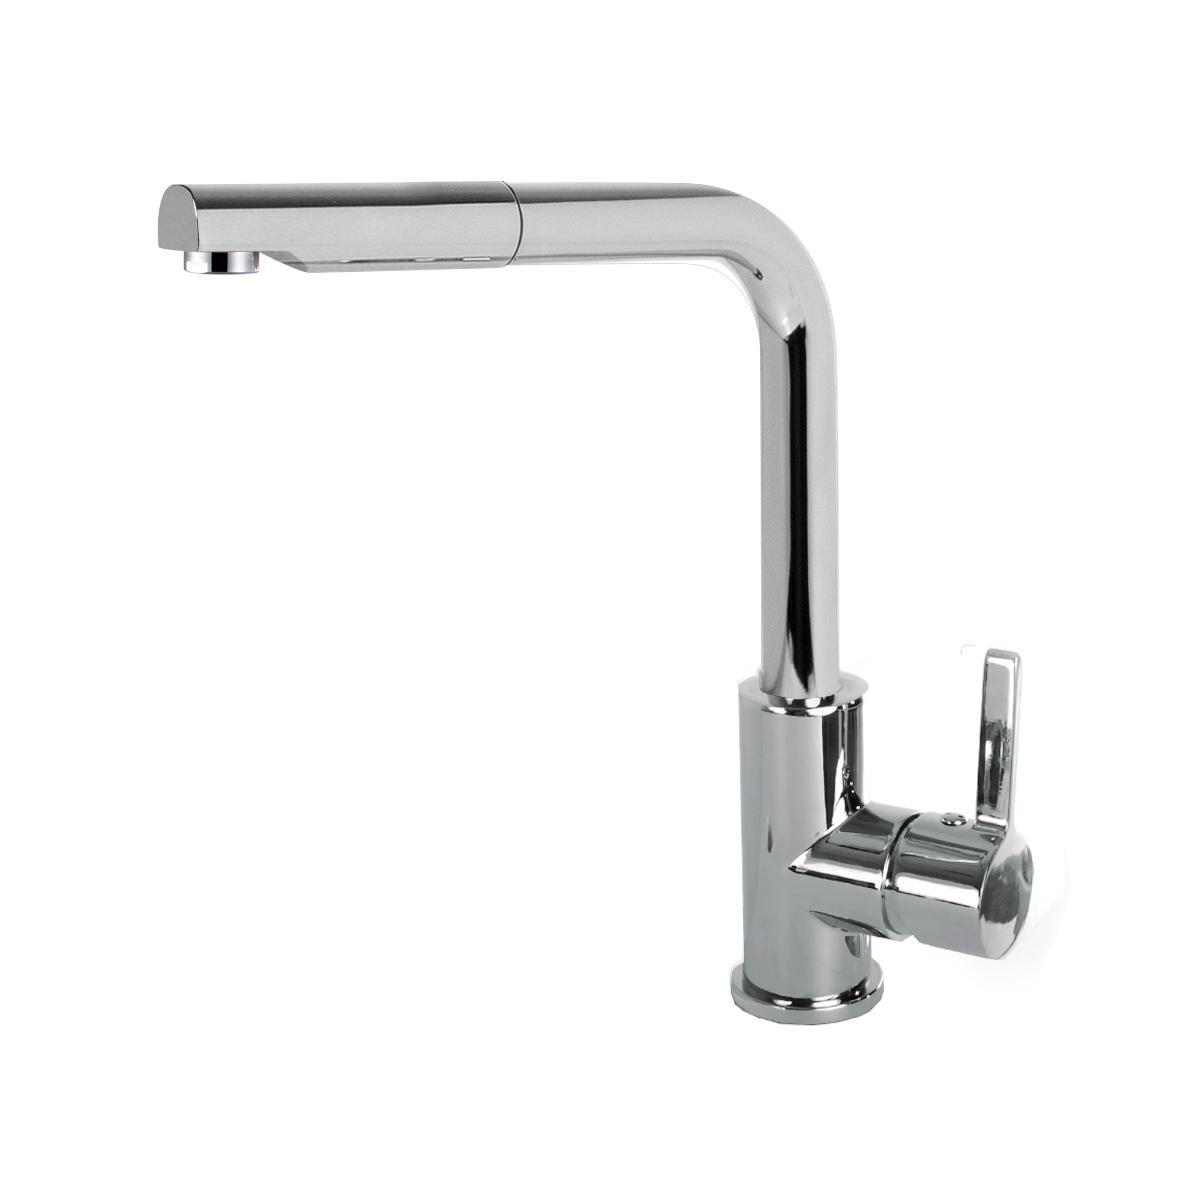 Elleci C02 Inox egykaros csaptelep forgatható kifolyócsővel, kihúzható zuhanyfejjel